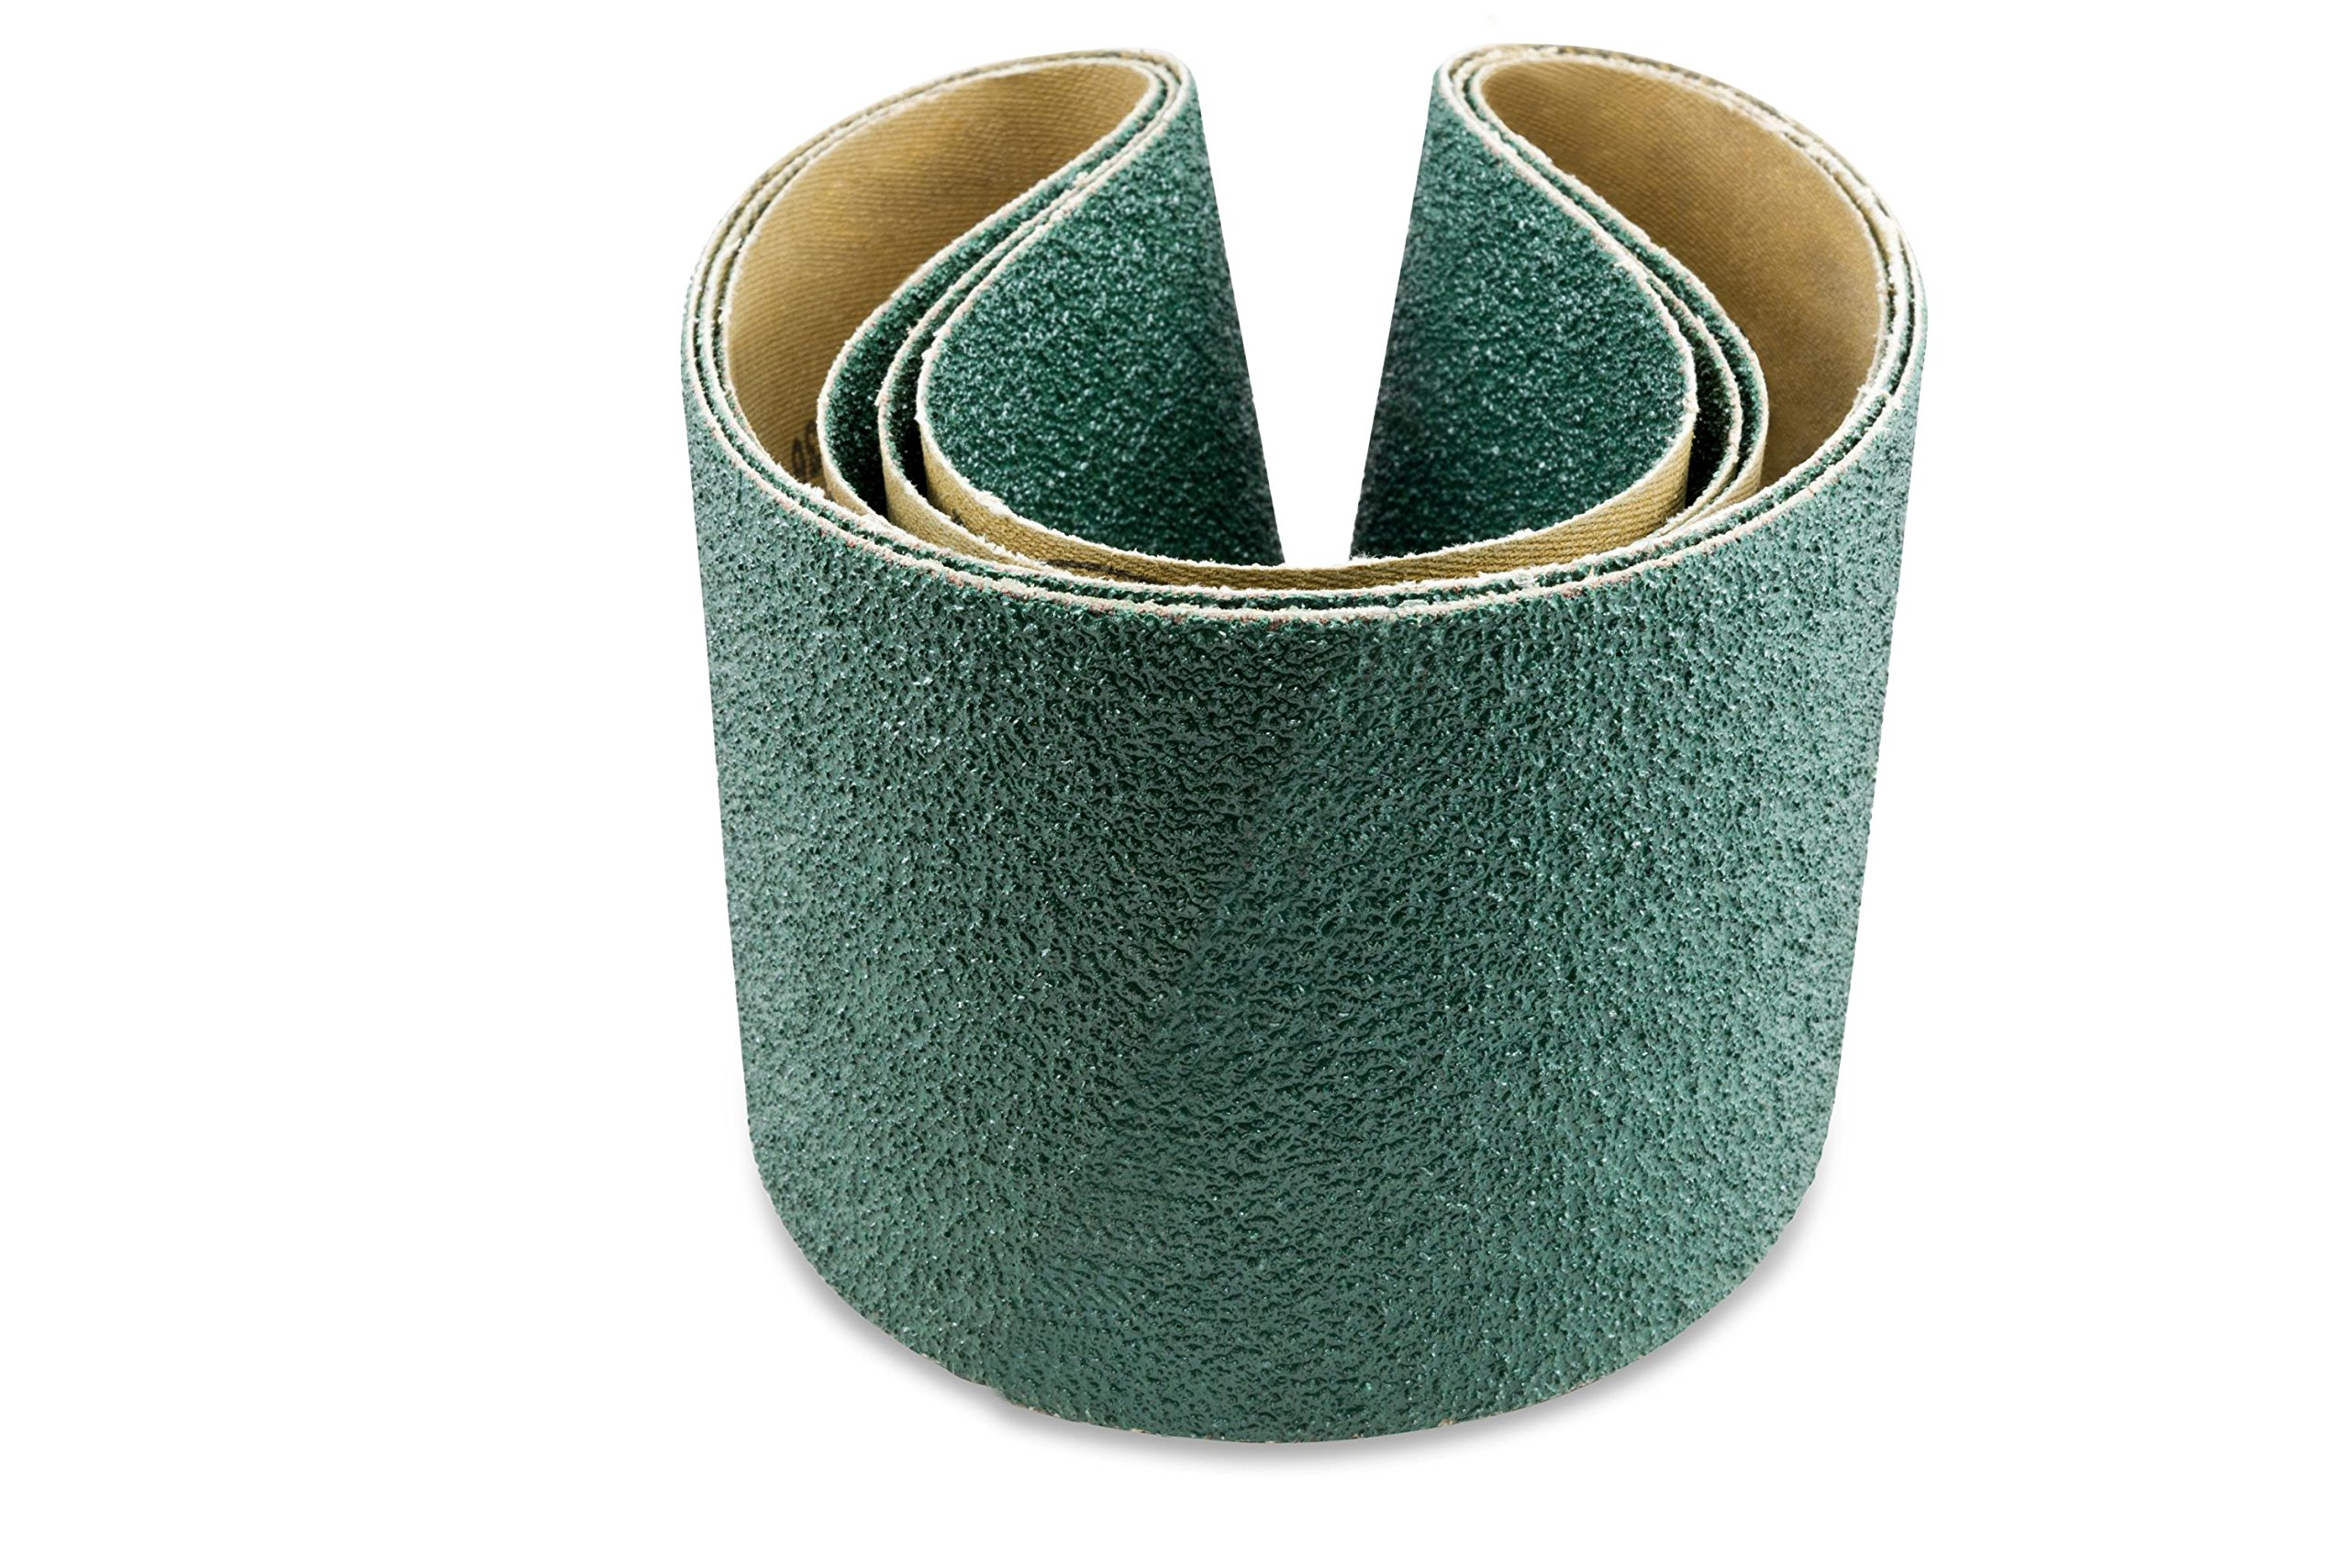 4 X 24 Inch 36 Grit Metal Grinding Zirconia Sanding Belts, 3 Pack